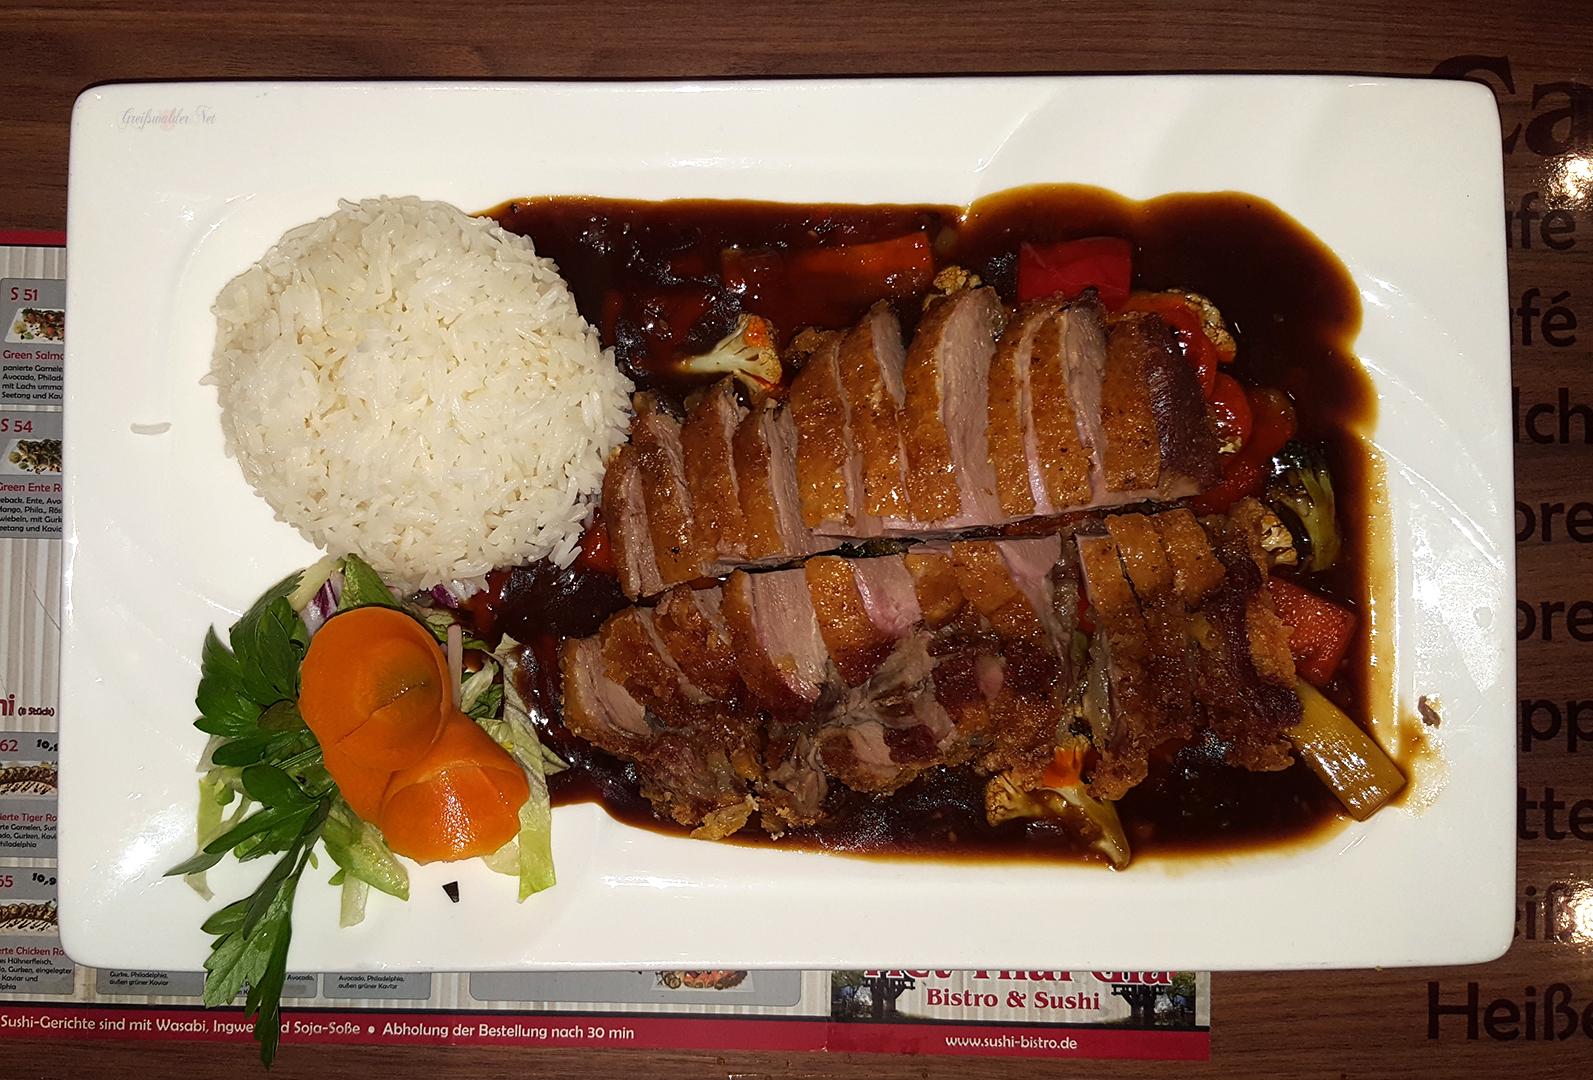 Ente mit Reis, Hoisin-Soße und versch. Gemüse